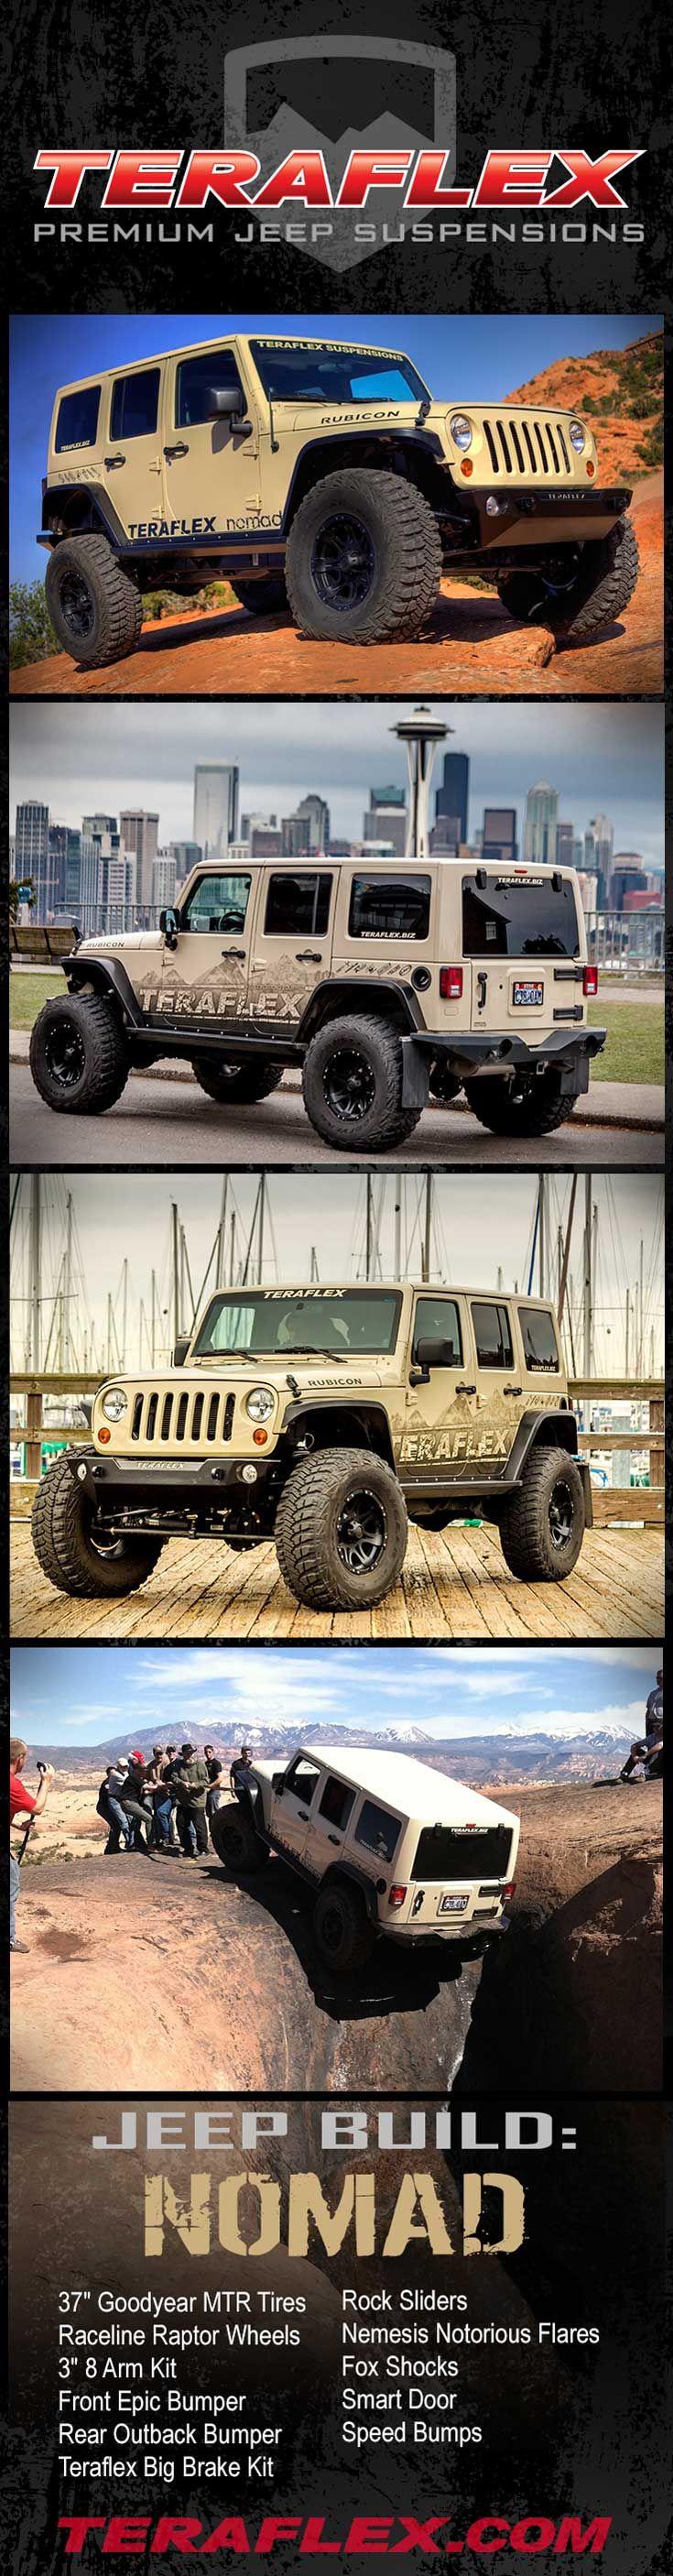 TERAFLEX Jeep Build-Up: Nomad - https://teraflex.com/galleries/54ef6bc124271d00a800005b